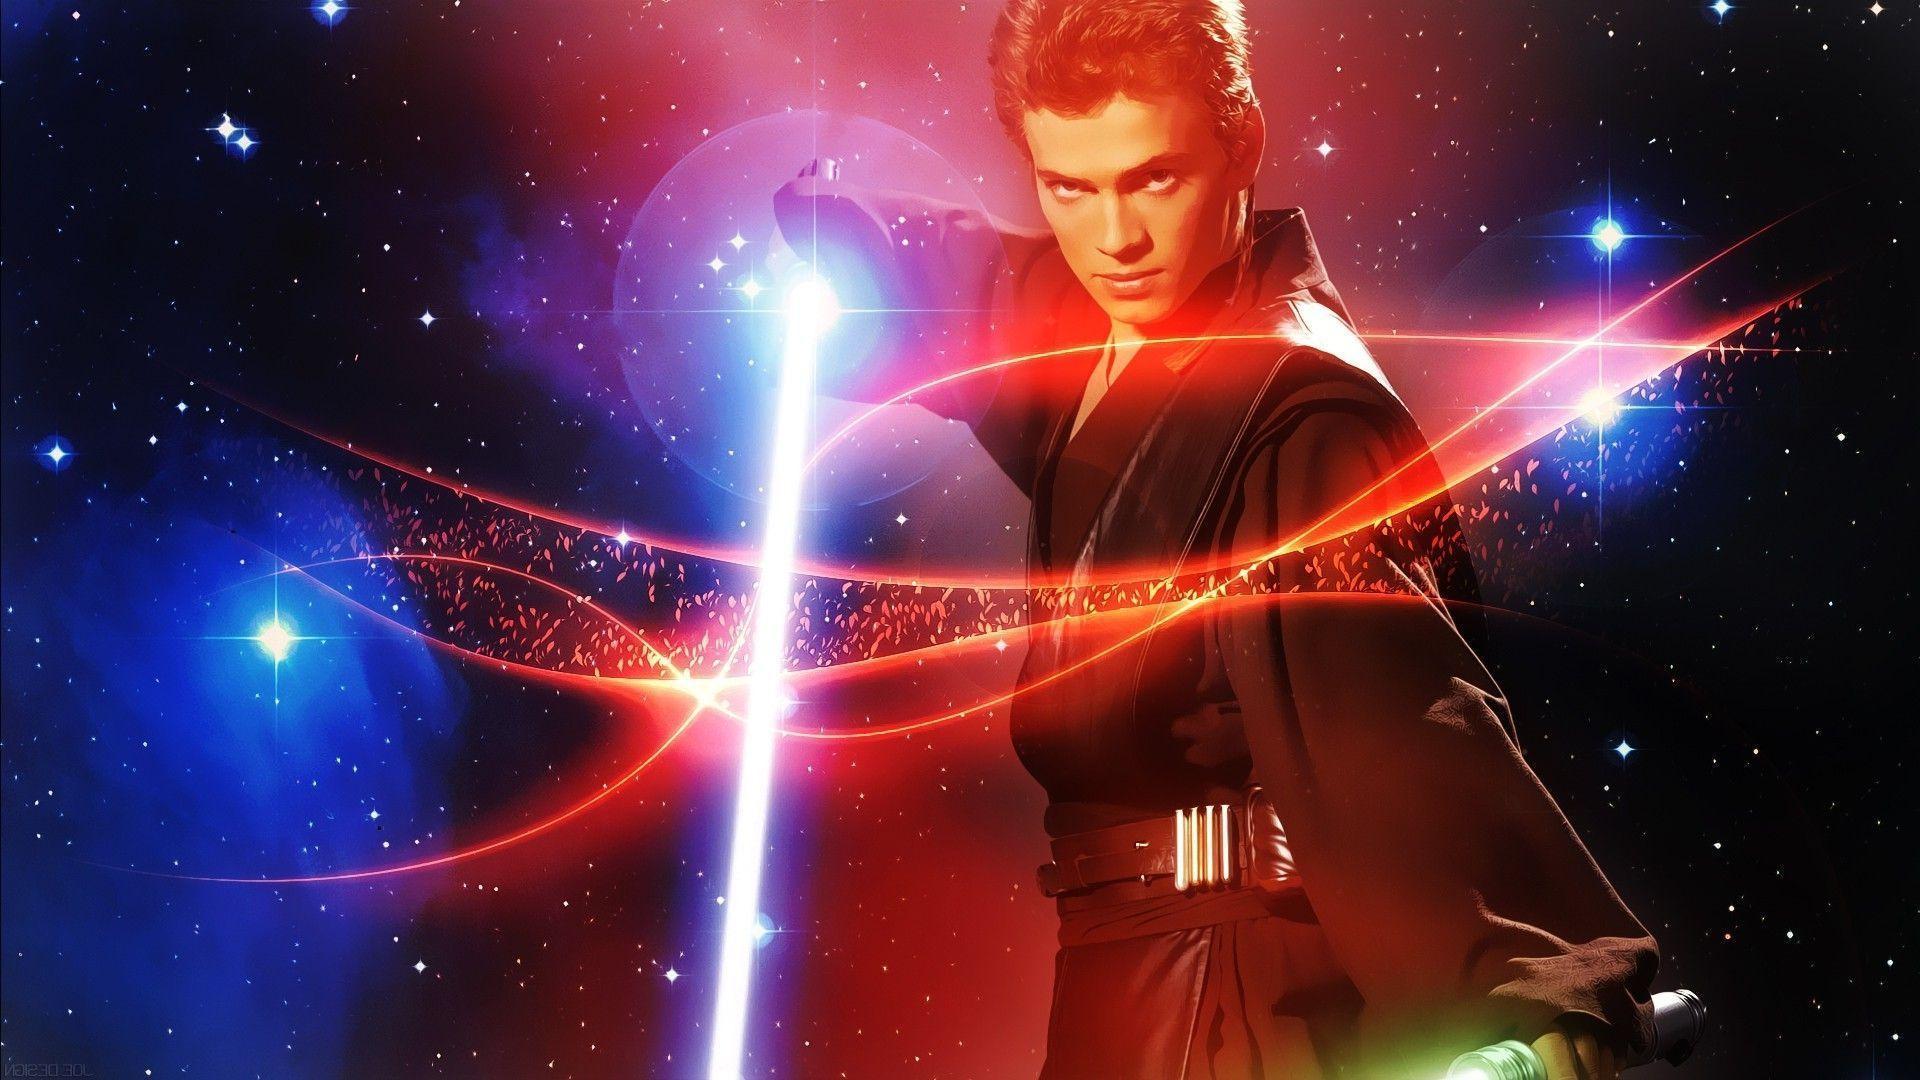 Movies Star Wars Anakin Skywalker Wallpapers HD Desktop And